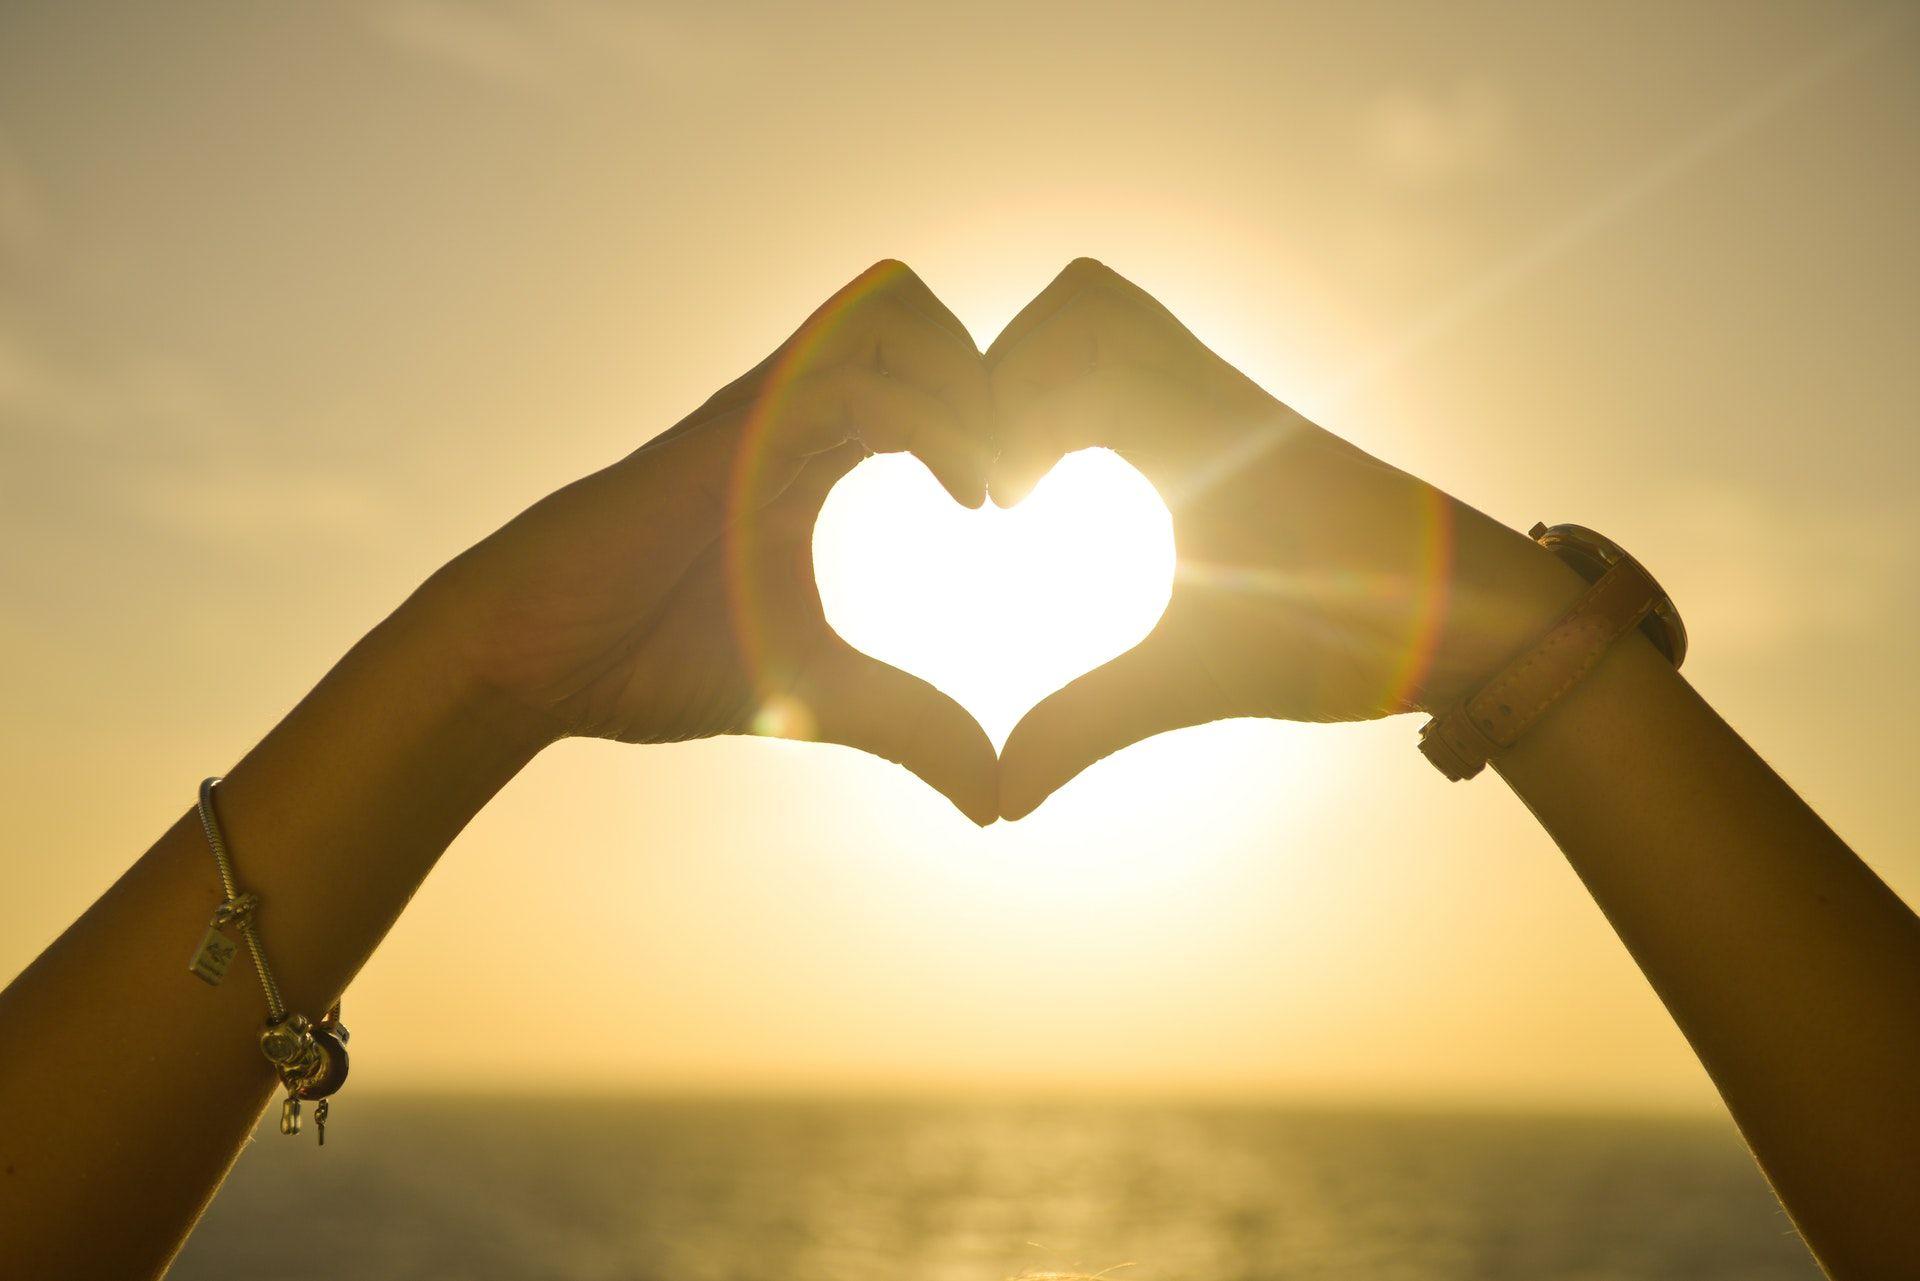 عکس زمینه قلب دو نفره و خورشید پس زمینه